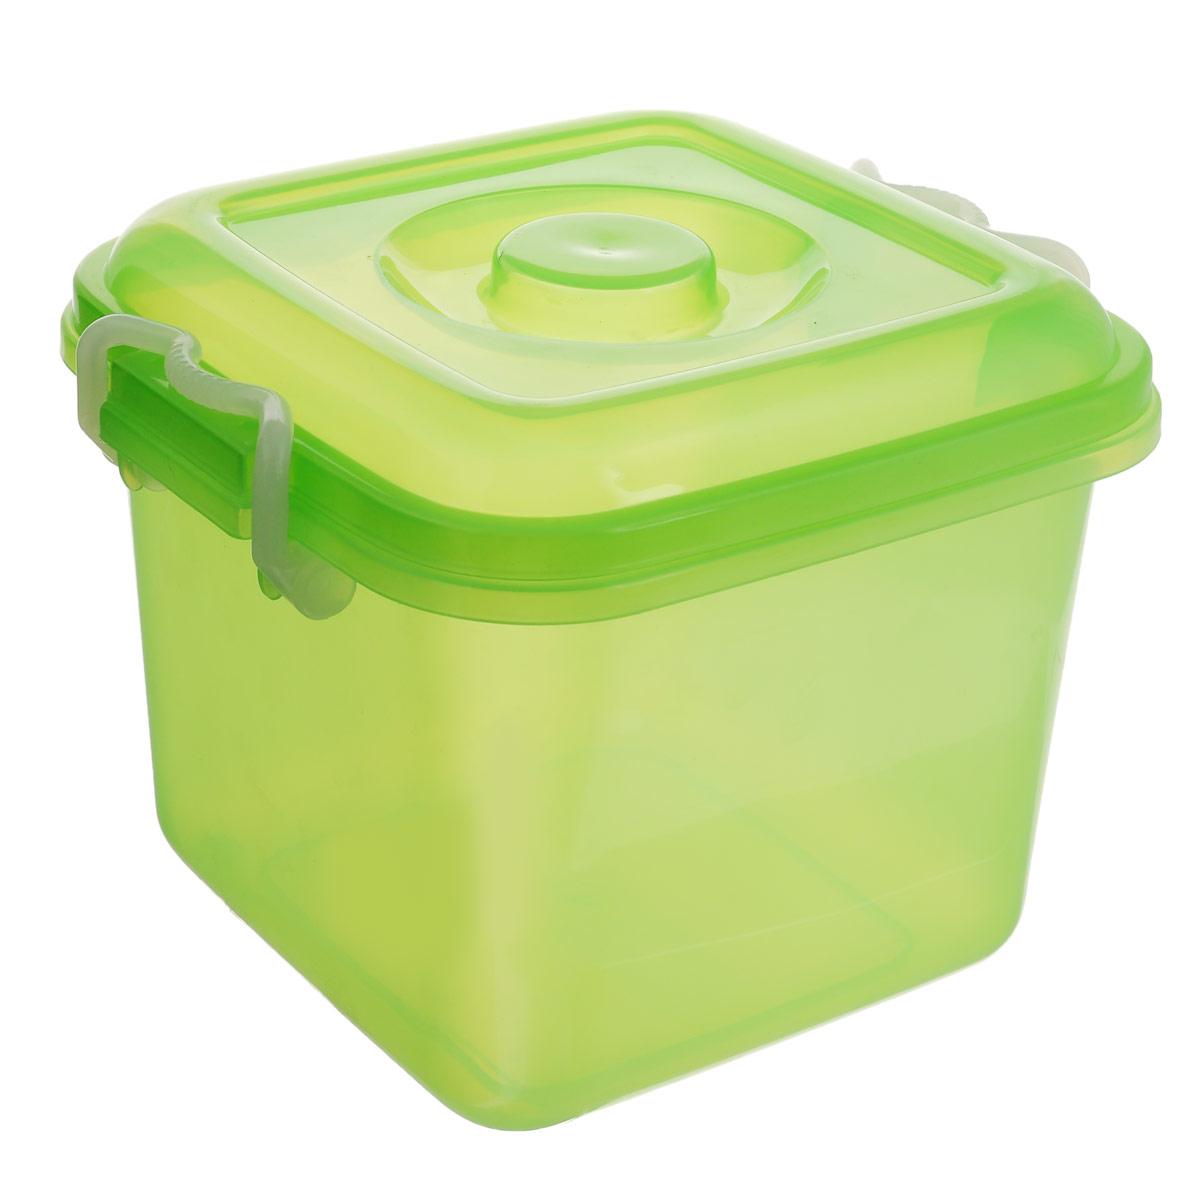 Контейнер для хранения Idea Океаник, цвет: зеленый, 8 лU210DFКонтейнер Idea Океаник выполнен из пищевого пластика, предназначен для хранения различных вещей.Контейнер снабжен эргономичной плотно закрывающейся крышкой со специальными боковыми фиксаторами.